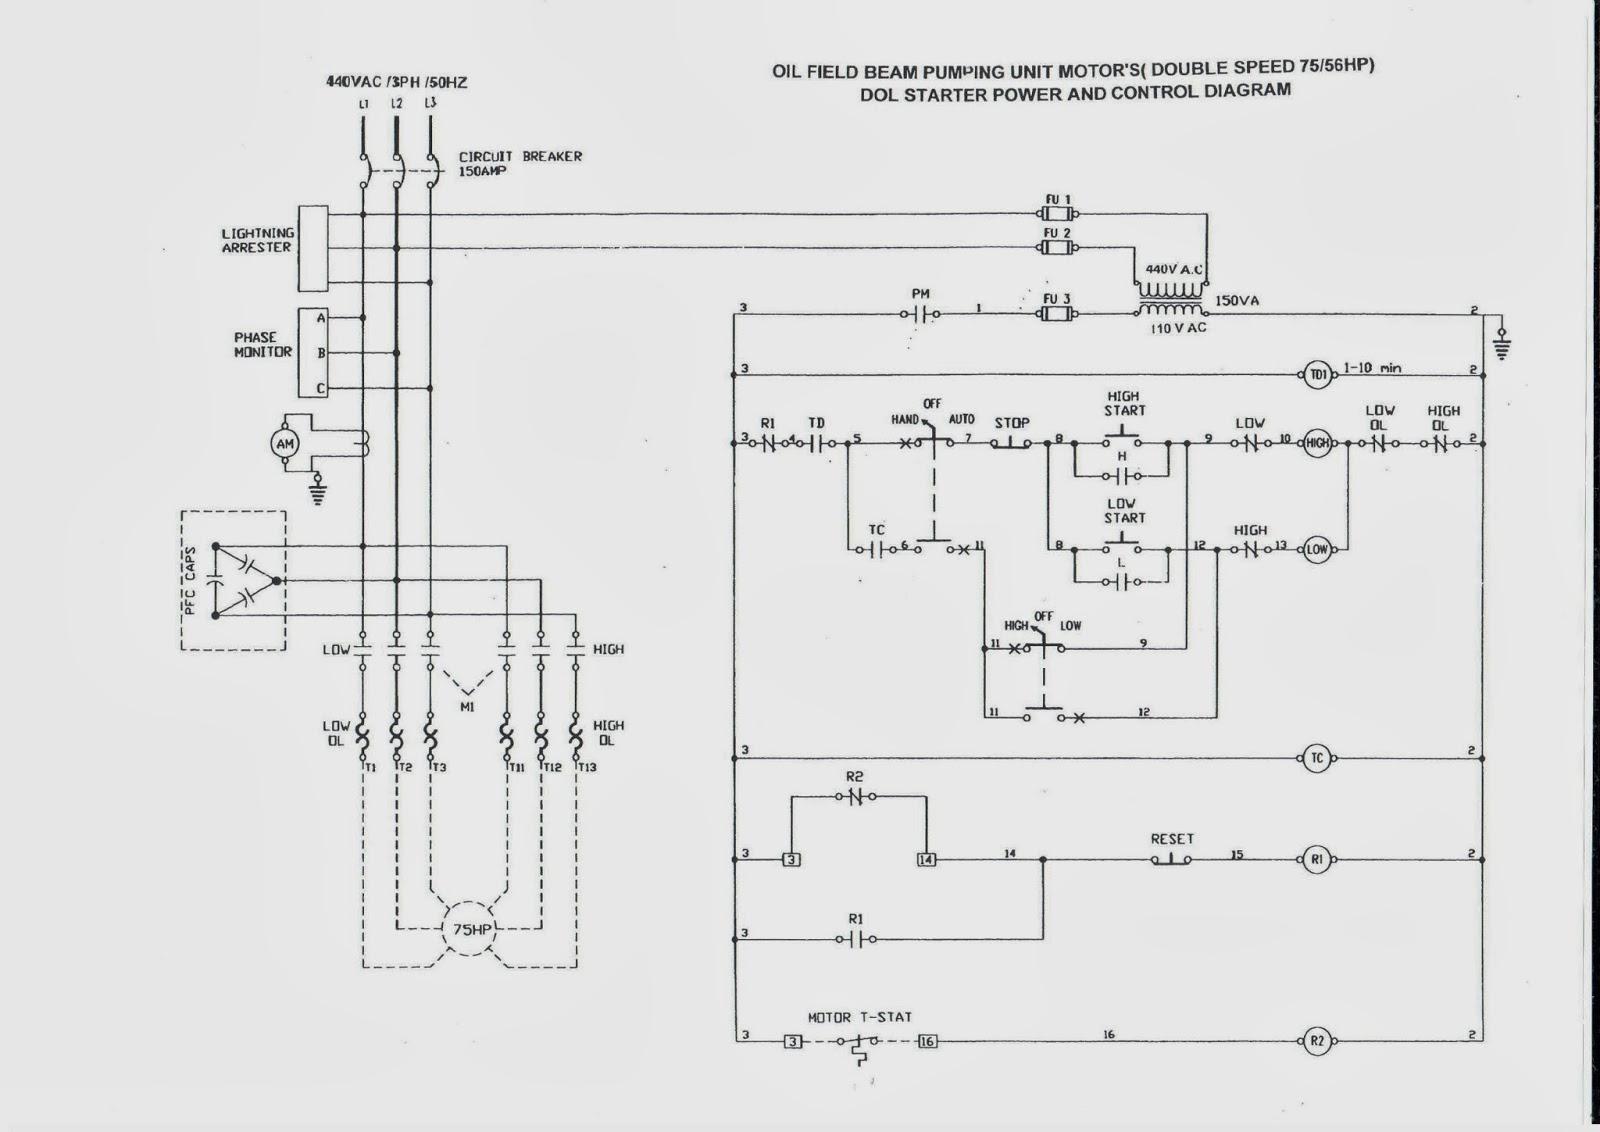 dol starter circuit diagram human eye anatomy worksheet motor control impremedia